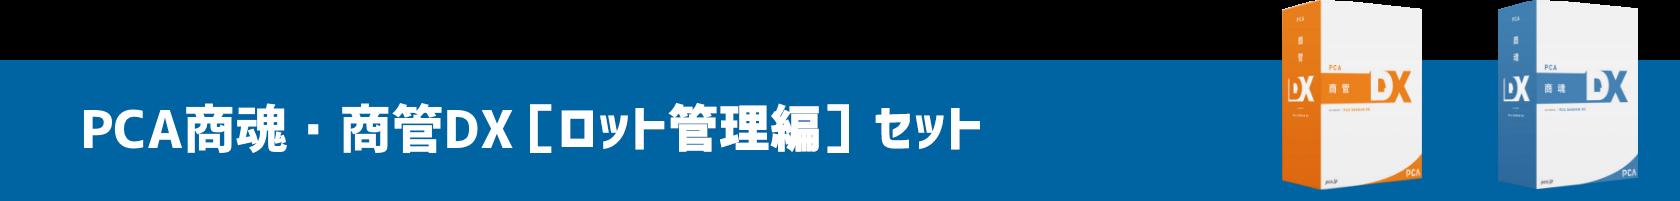 PCA商魂・商管DX[ロット管理編]セット